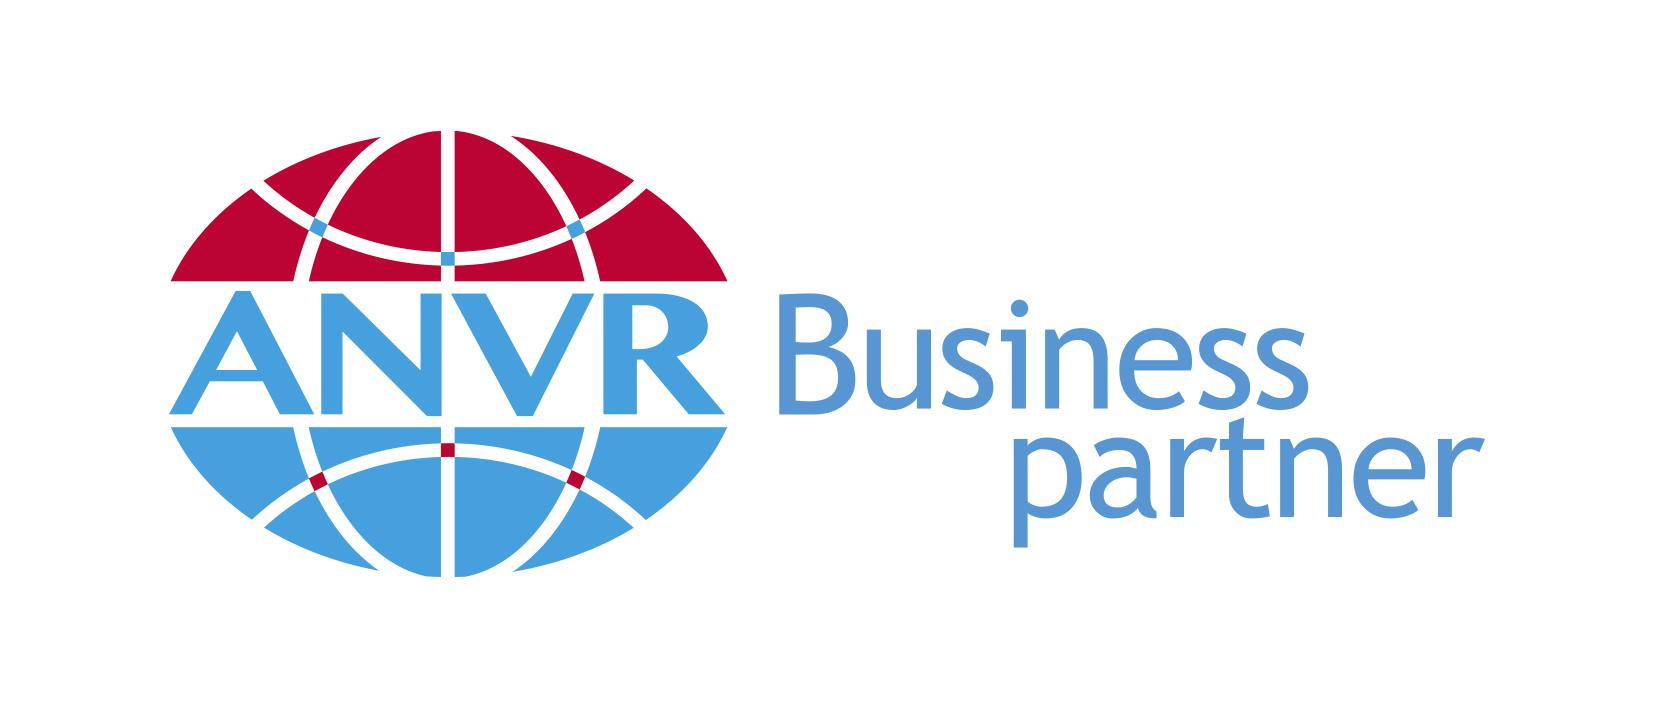 ANVR Business Partner